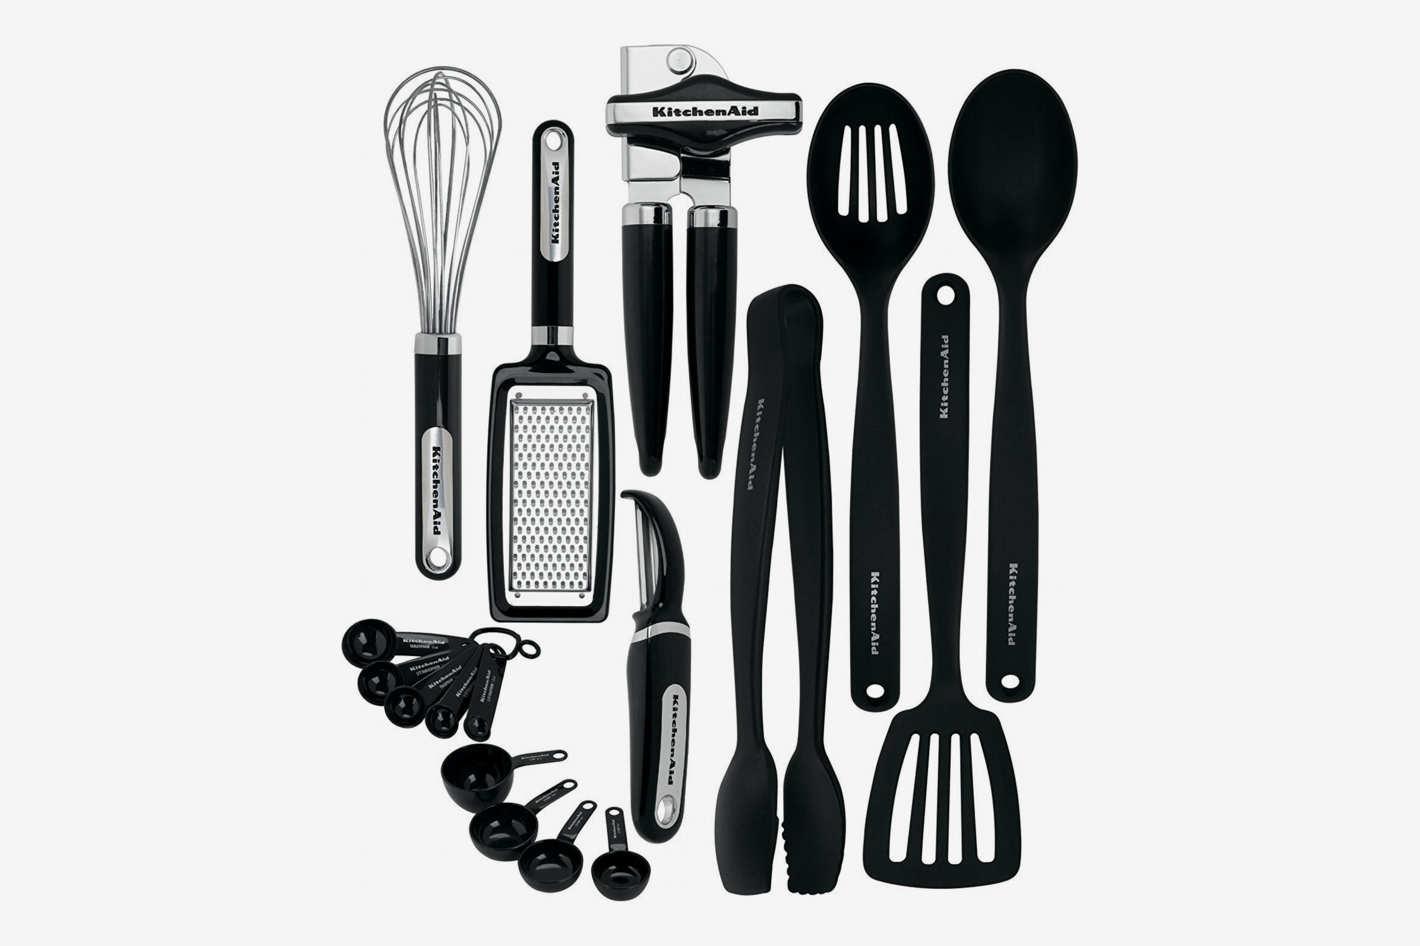 KitchenAid 17-Piece Tools and Gadget Set, Black